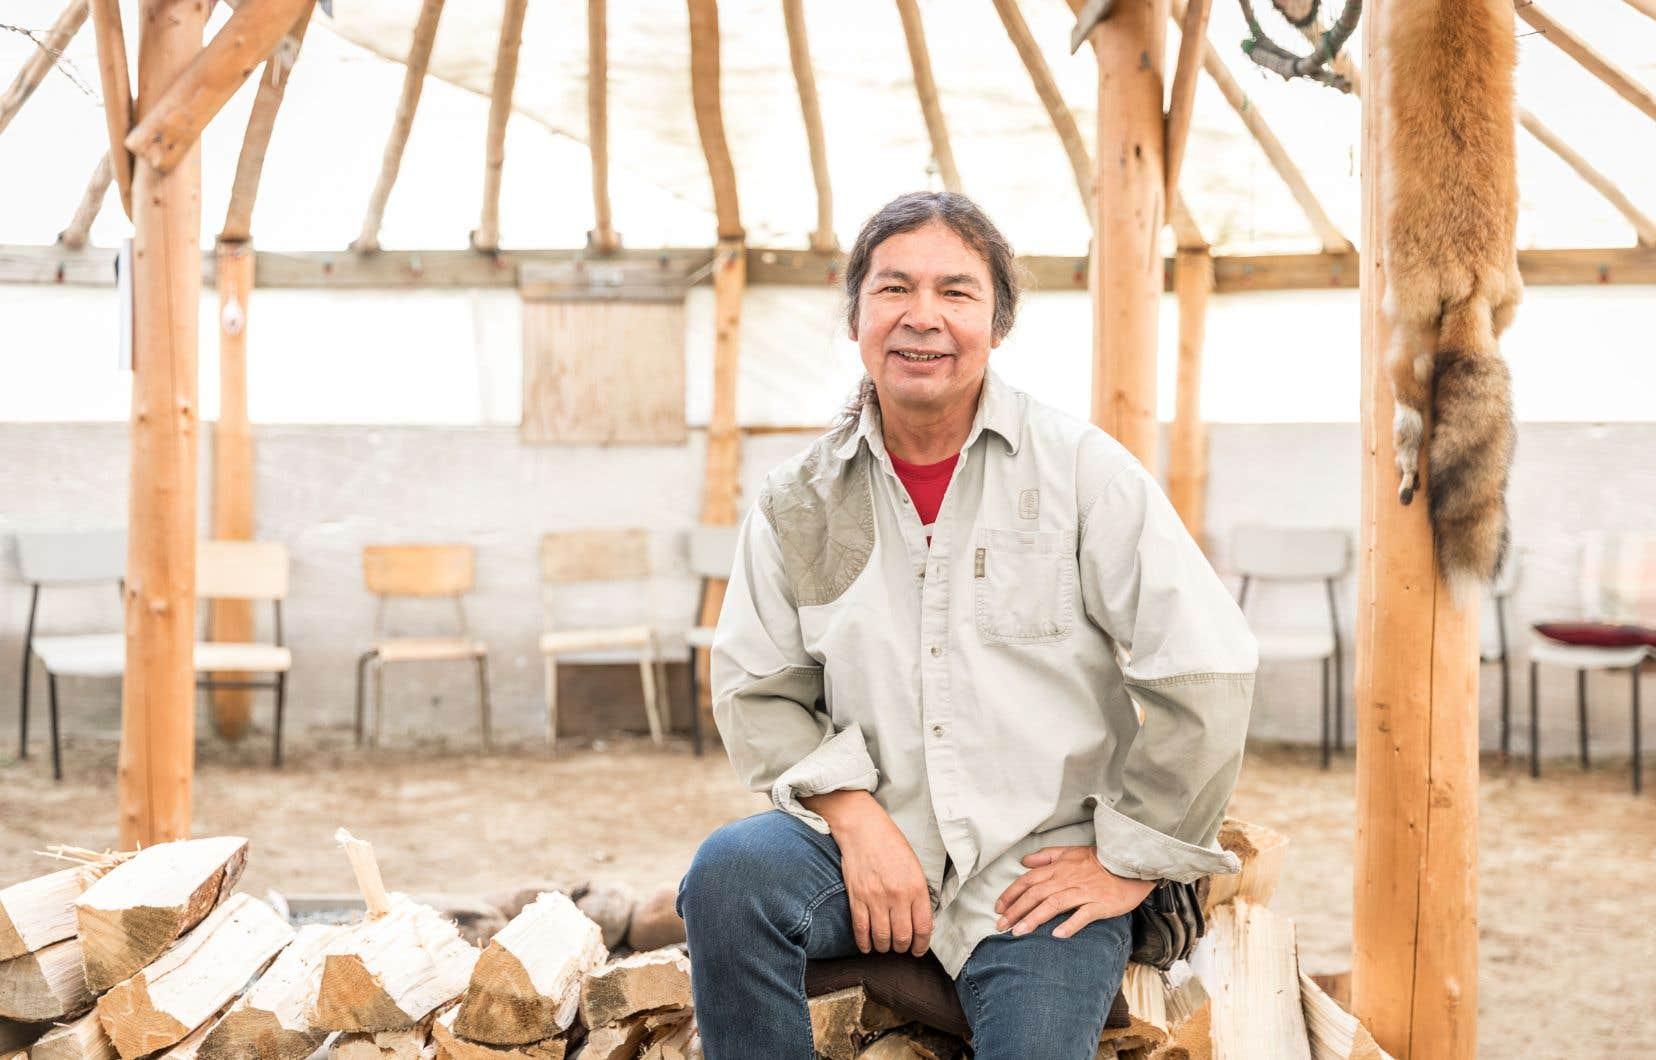 Les recherches d'Alex Cheezo visent à aider  les hommes de sa communauté à mieux comprendre les conséquences de la colonisation et à guérir par des approches traditionnelles, comme les cercles de partage, les huttes de sudation  et les jeûnes.